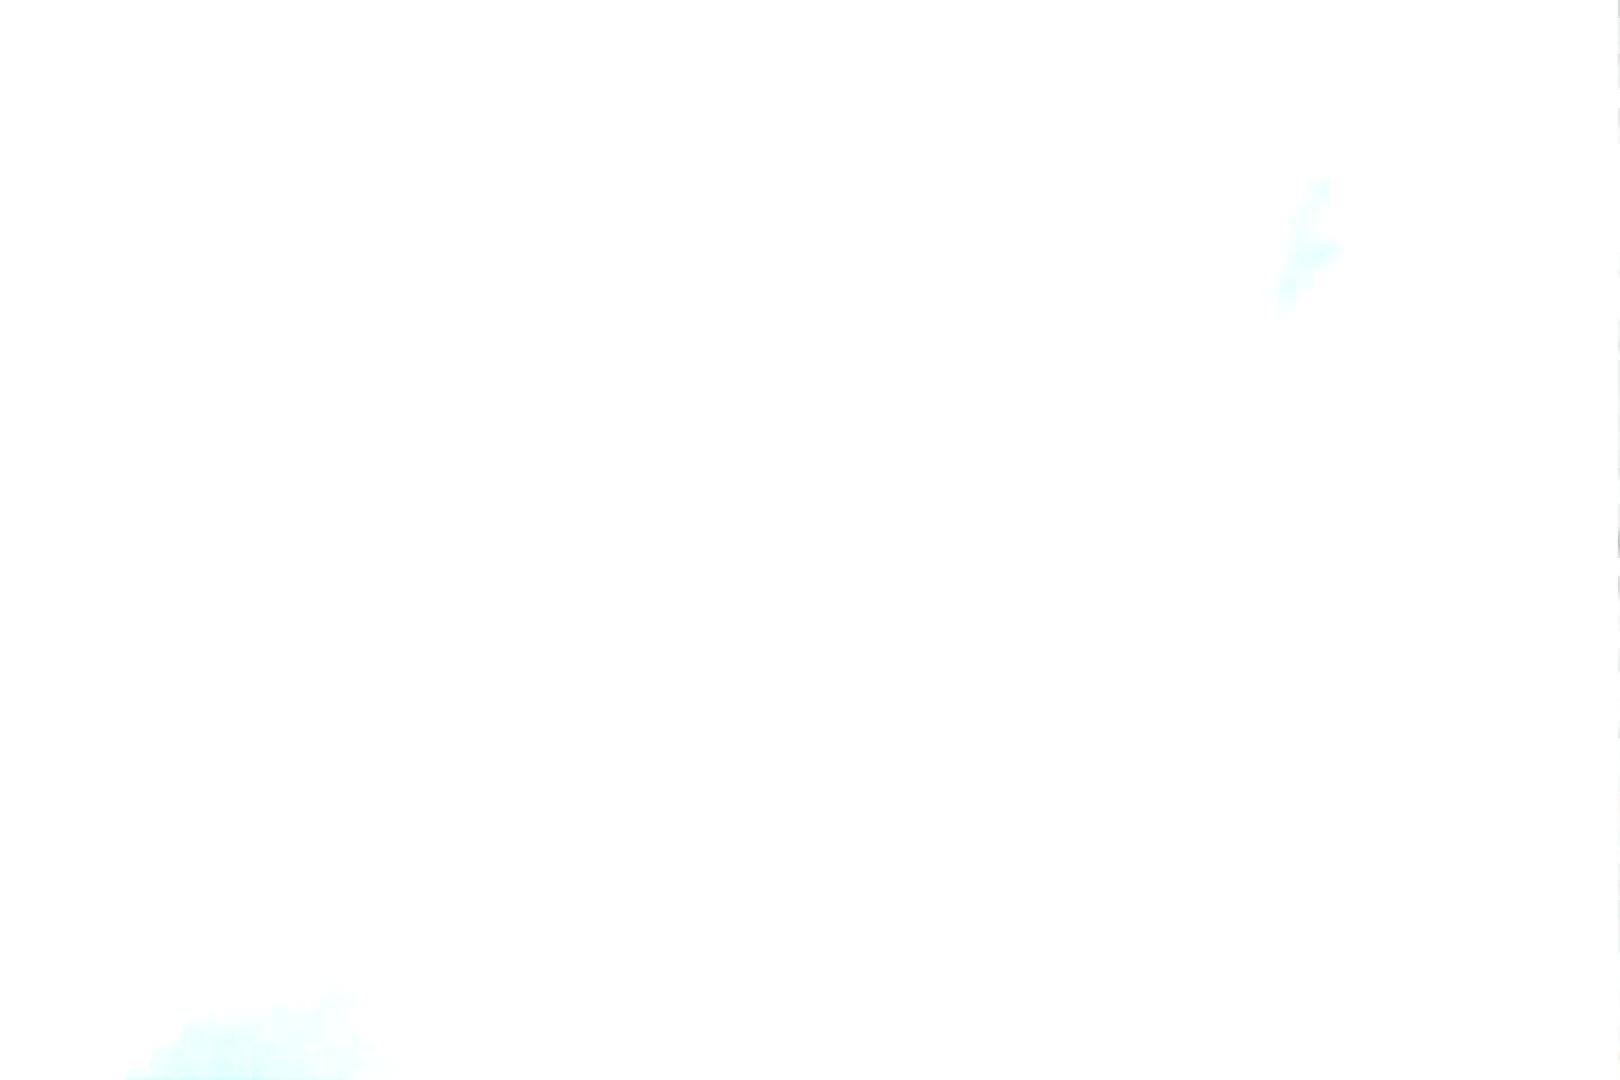 充血監督の深夜の運動会Vol.14 濃厚セックス オメコ動画キャプチャ 106PICs 82